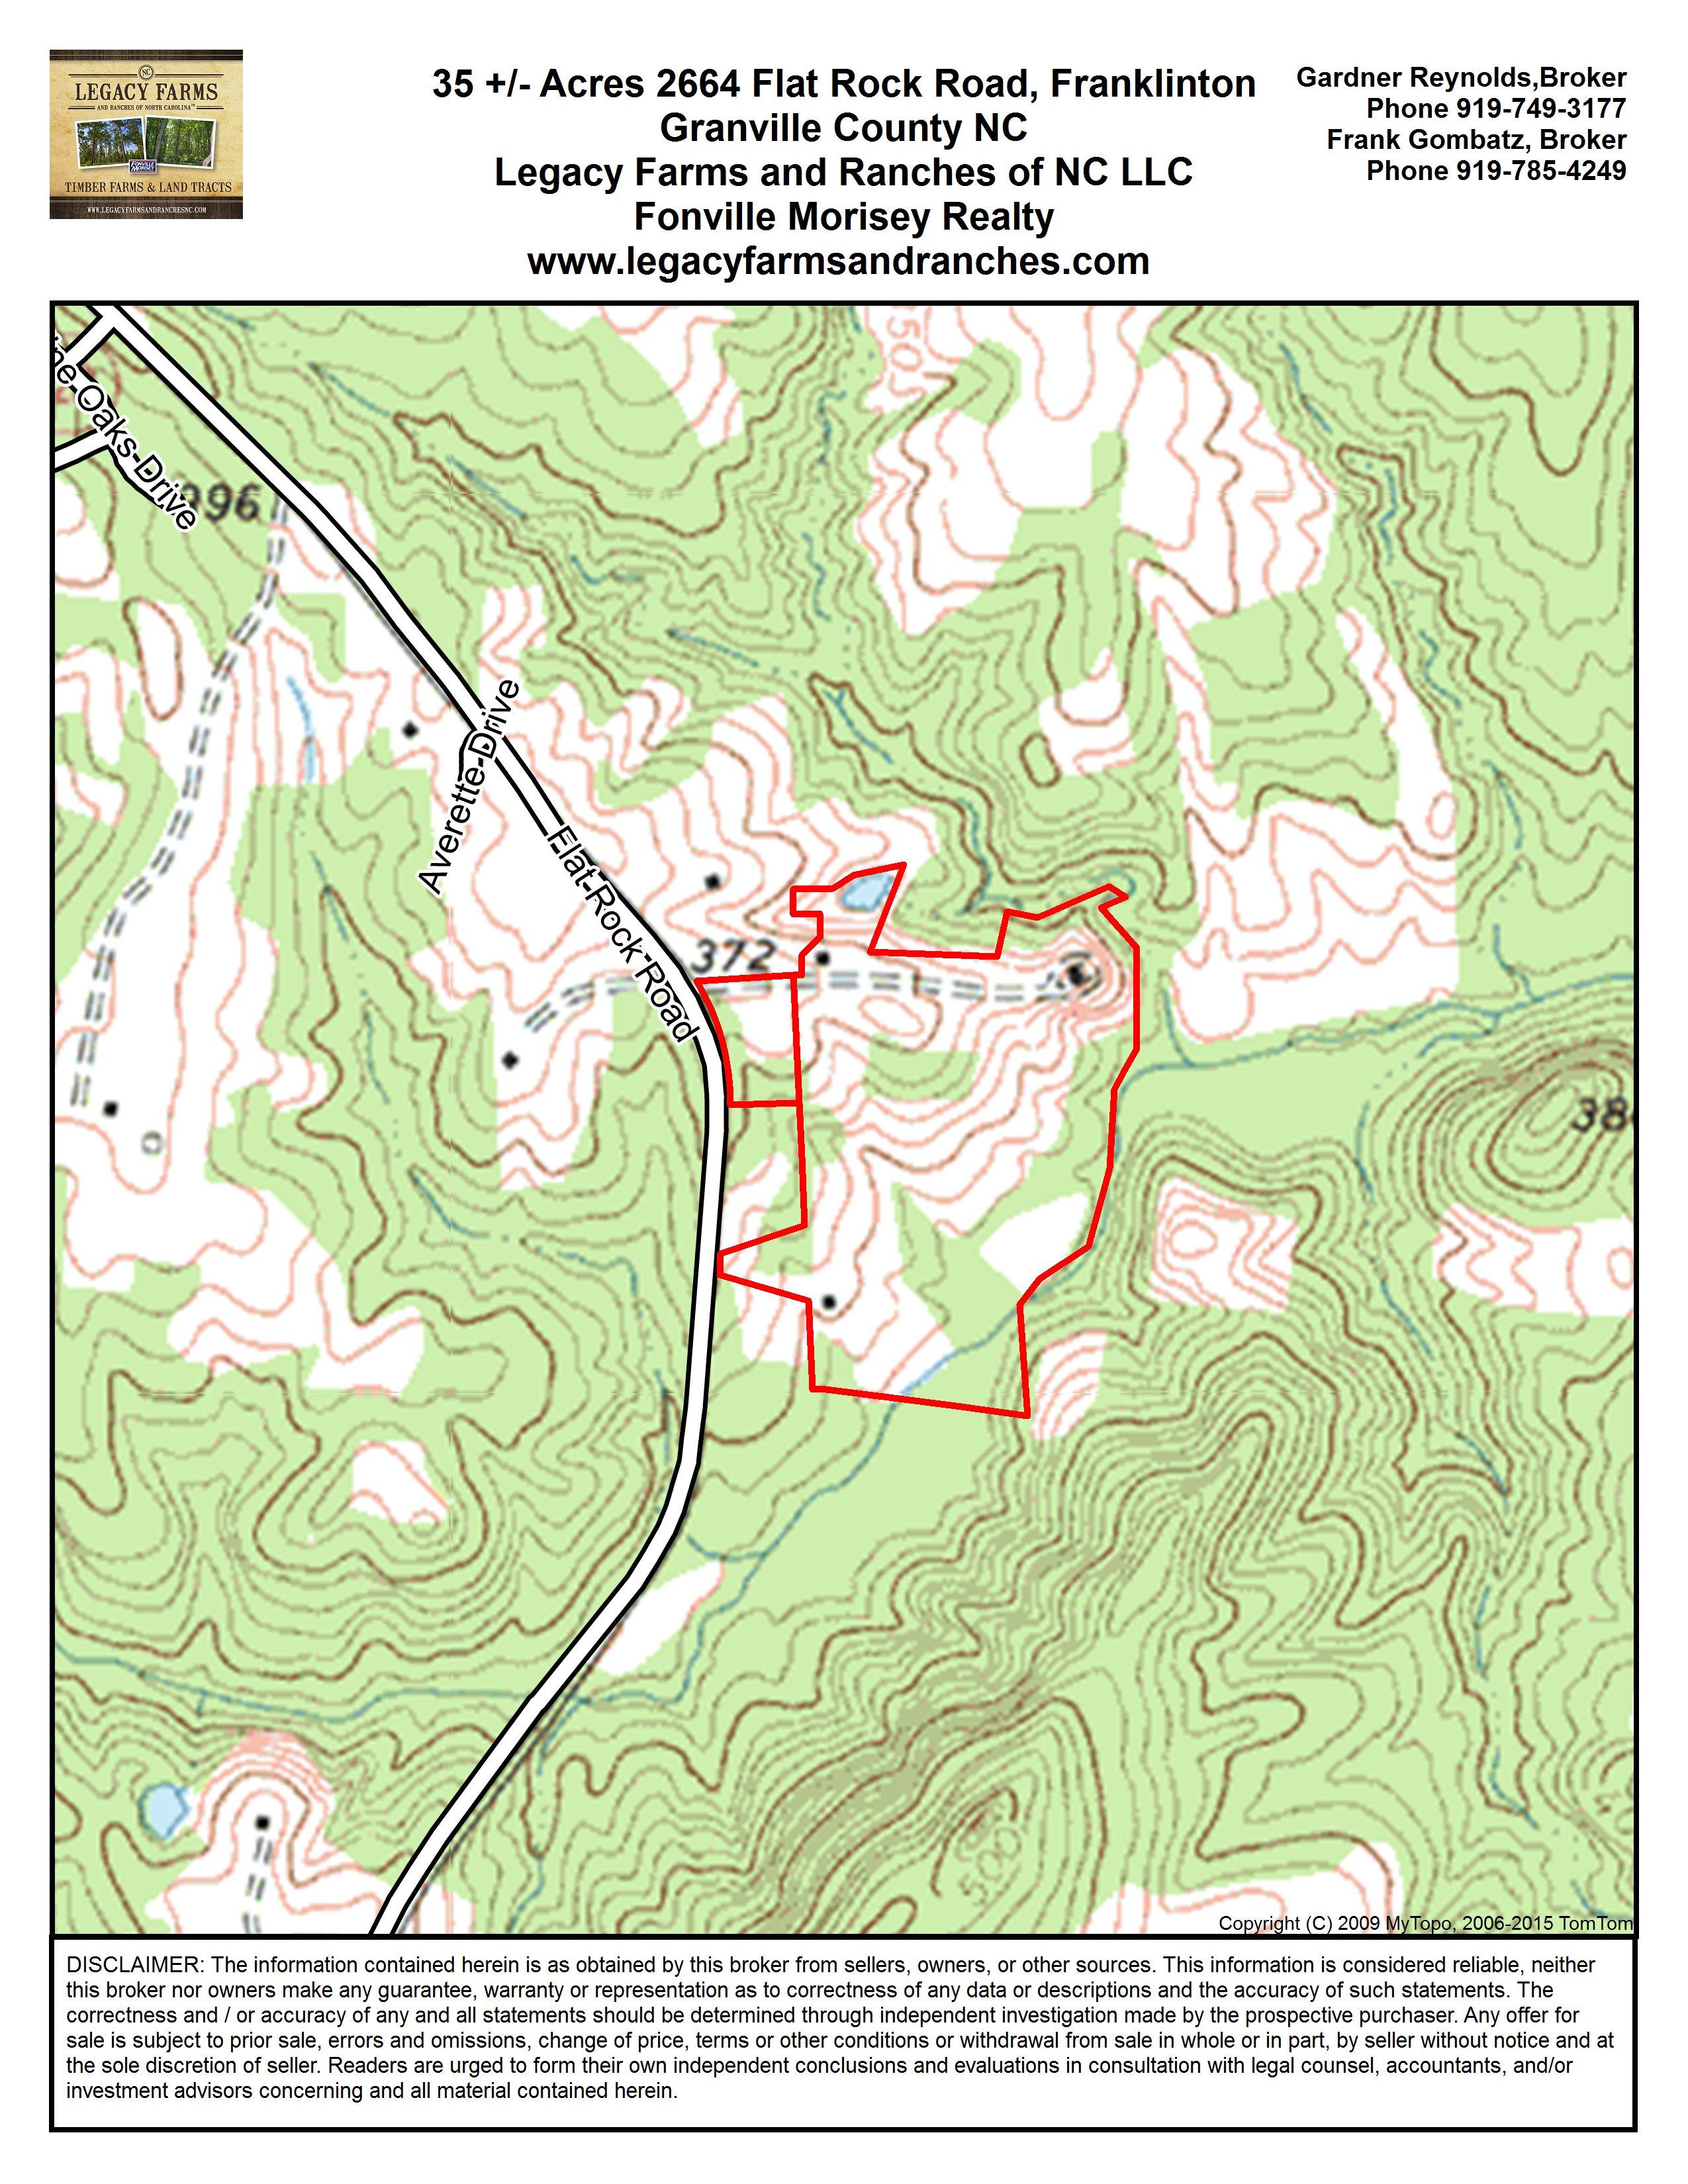 Franklinton Nc Map.Mls 2013881 2664 Flat Rock Road Franklinton Nc 27525